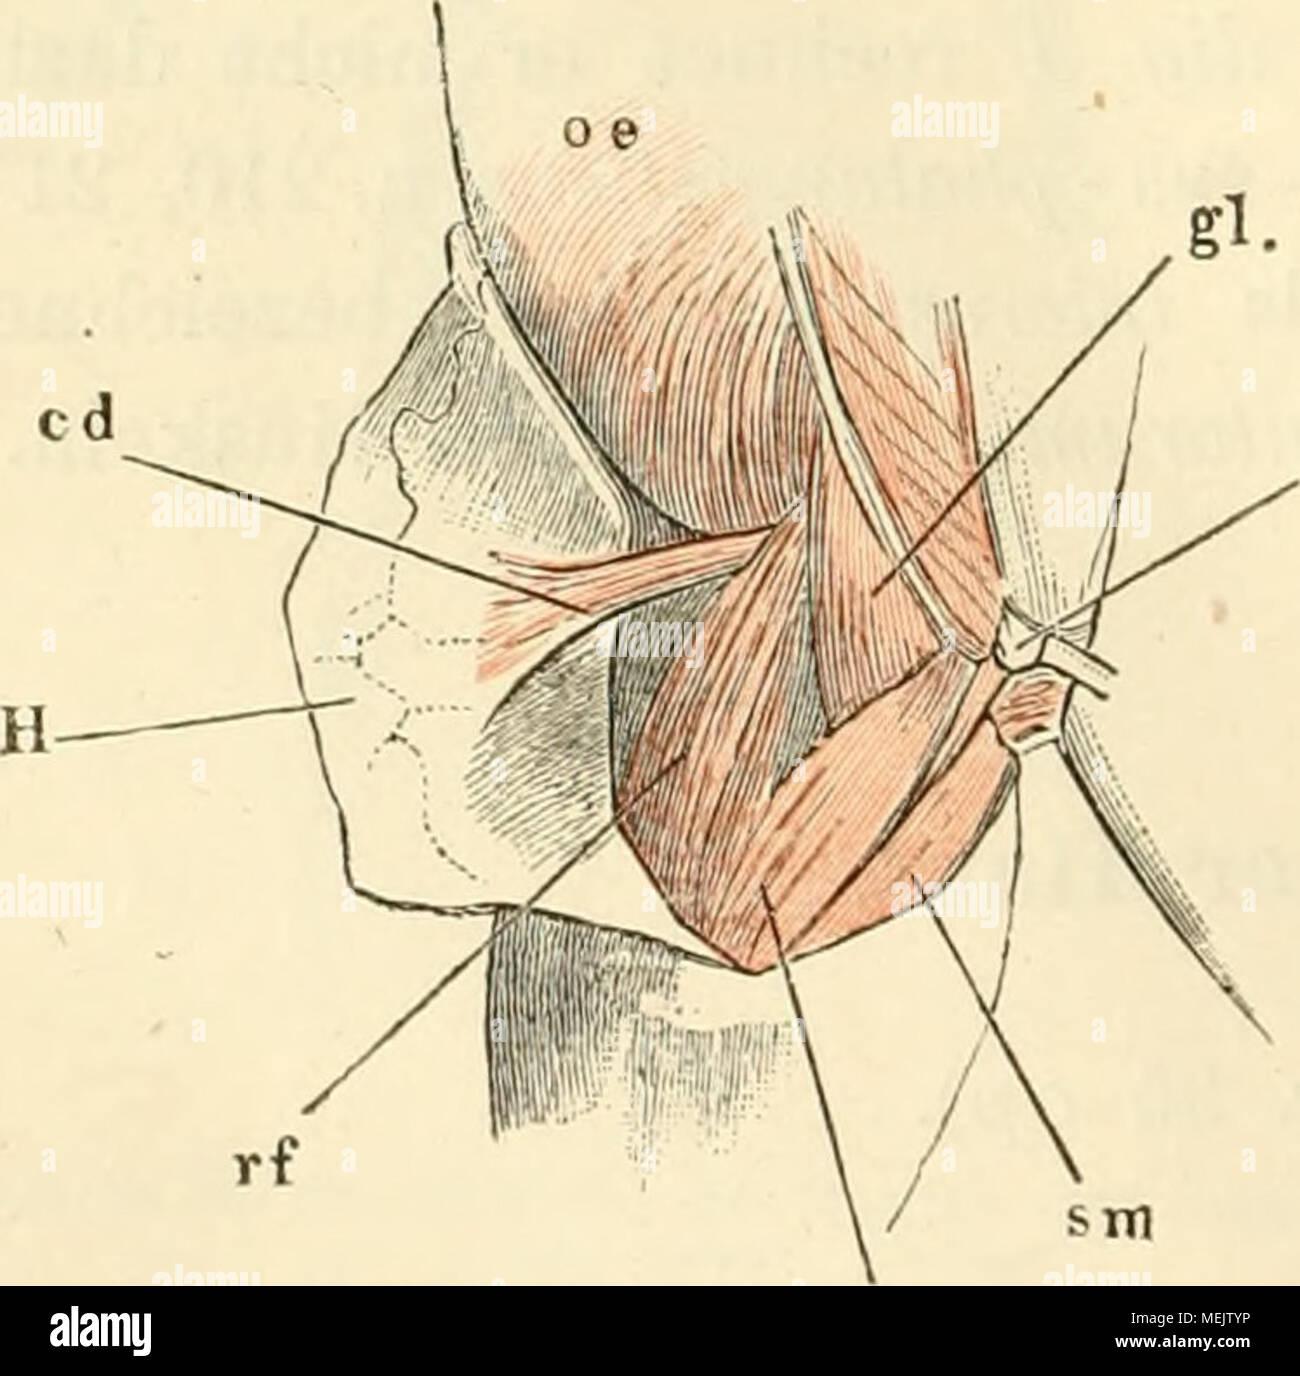 Wunderbar Itec Anatomie Und Physiologie Vergangenheit Papiere ...